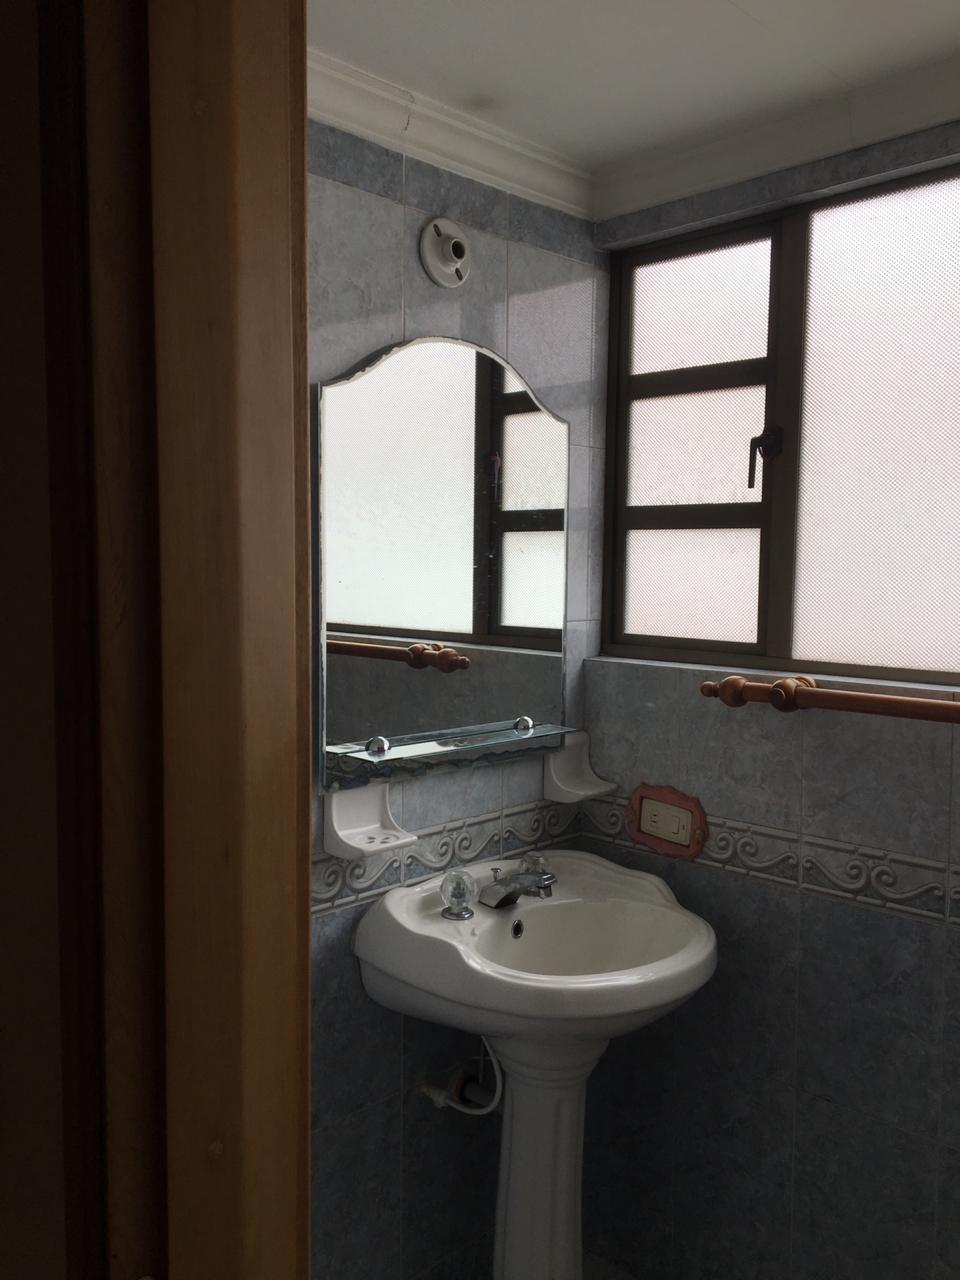 3 DIAGONAL 3 9 02, MOSQUERA, Cundinamarca, 4 Habitaciones Habitaciones, ,3 BathroomsBathrooms,Casa,Venta,QUINTAS DEL MARQUEZ,DIAGONAL 3,3,1147